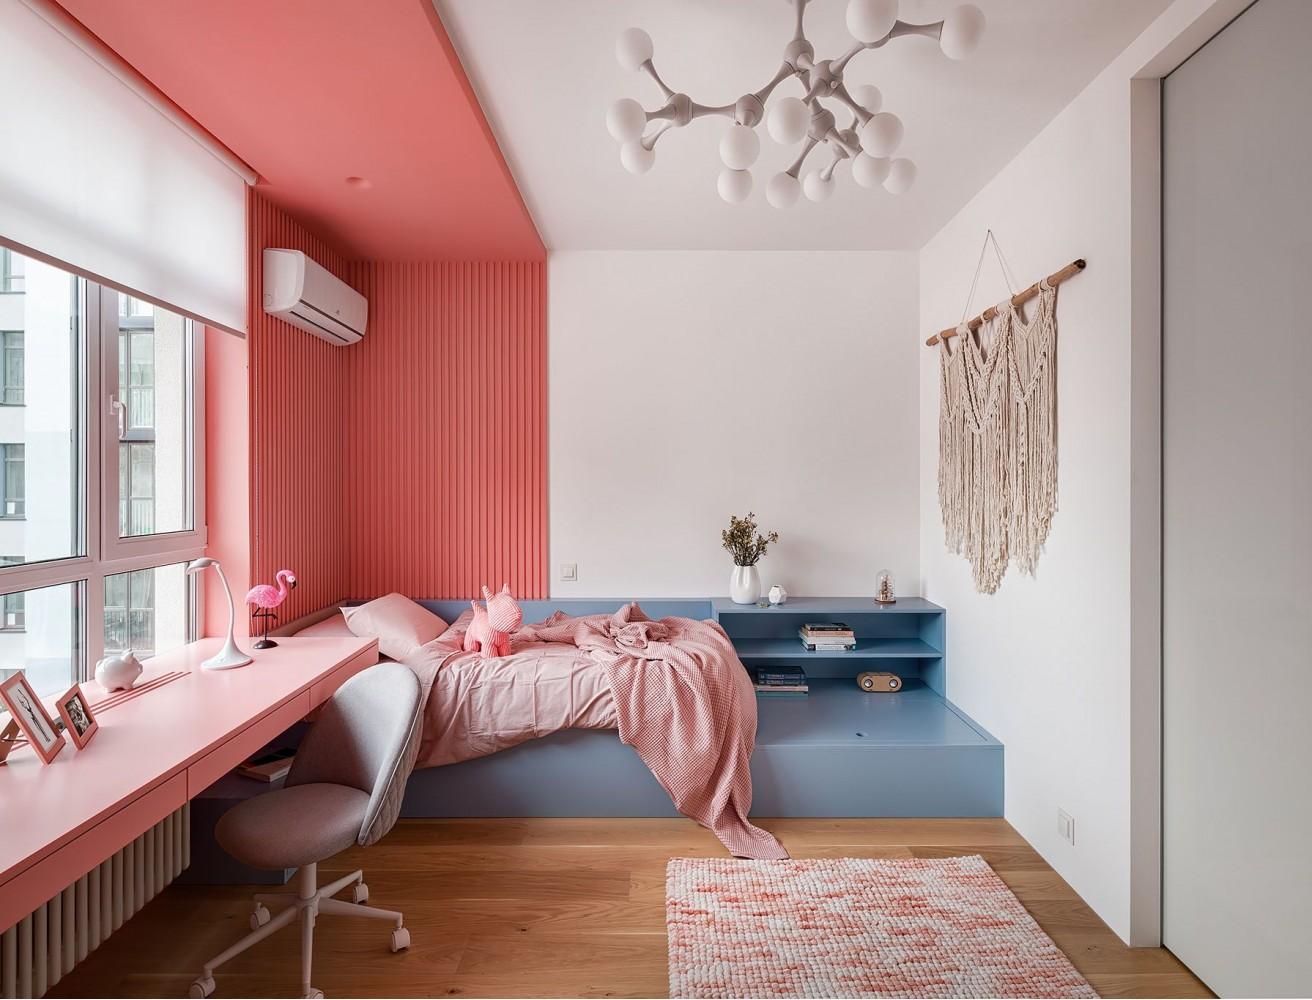 Фото интерьера: Дизайн детской комнаты – URBAN LIGHT: квартира в стиле Лофт, 65 м2 – 2206